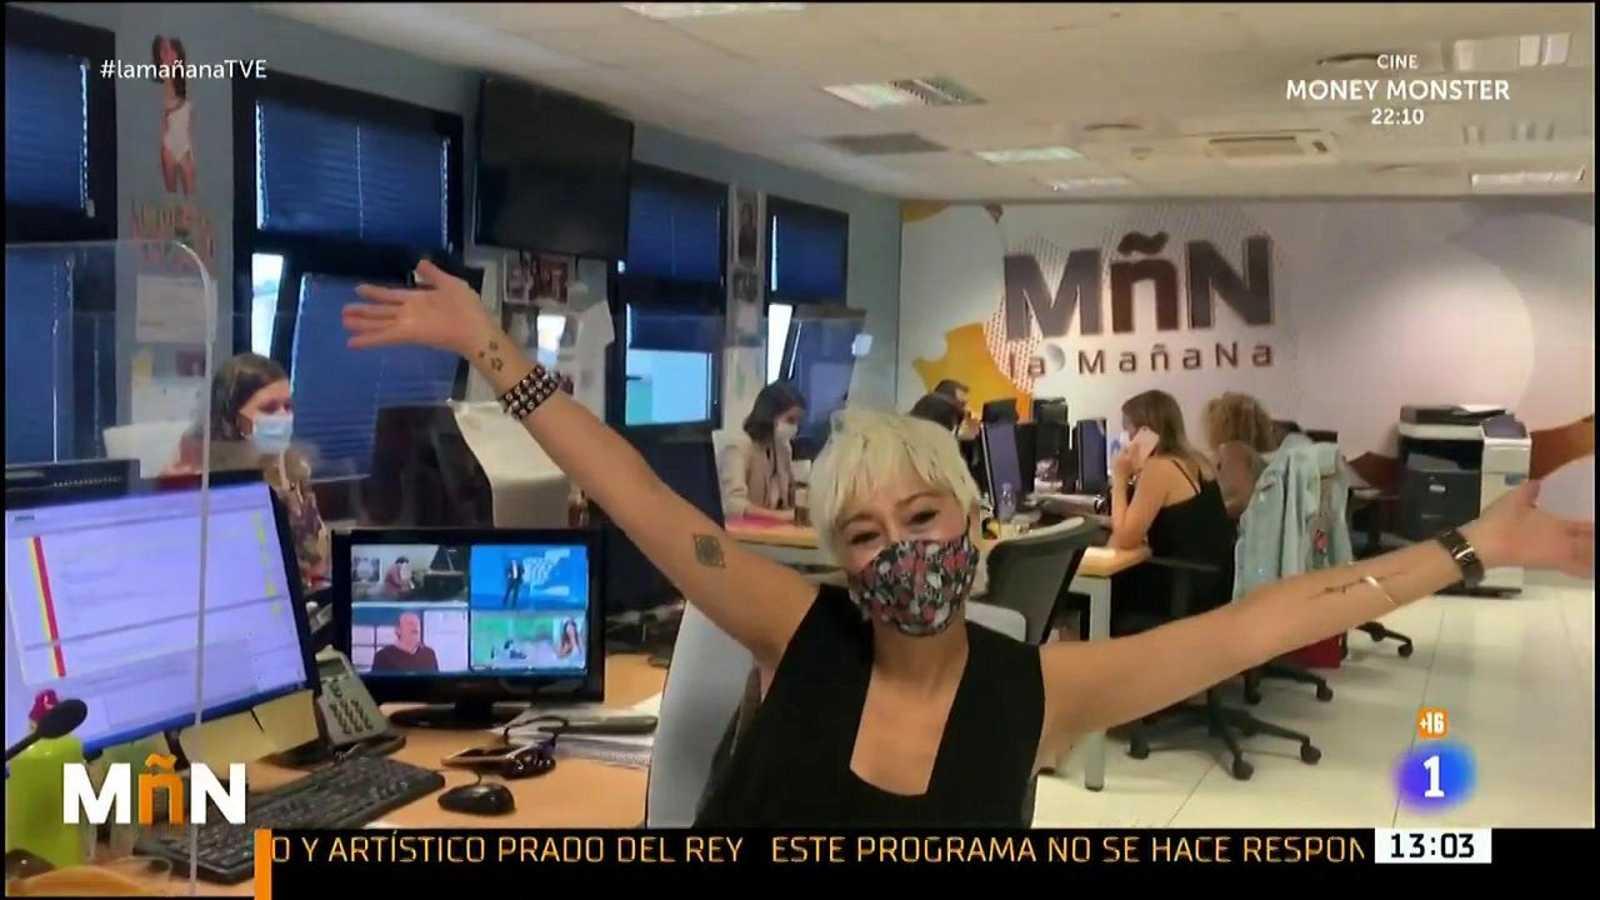 La Mañana - Así se han despedido el equipo de La Mañana